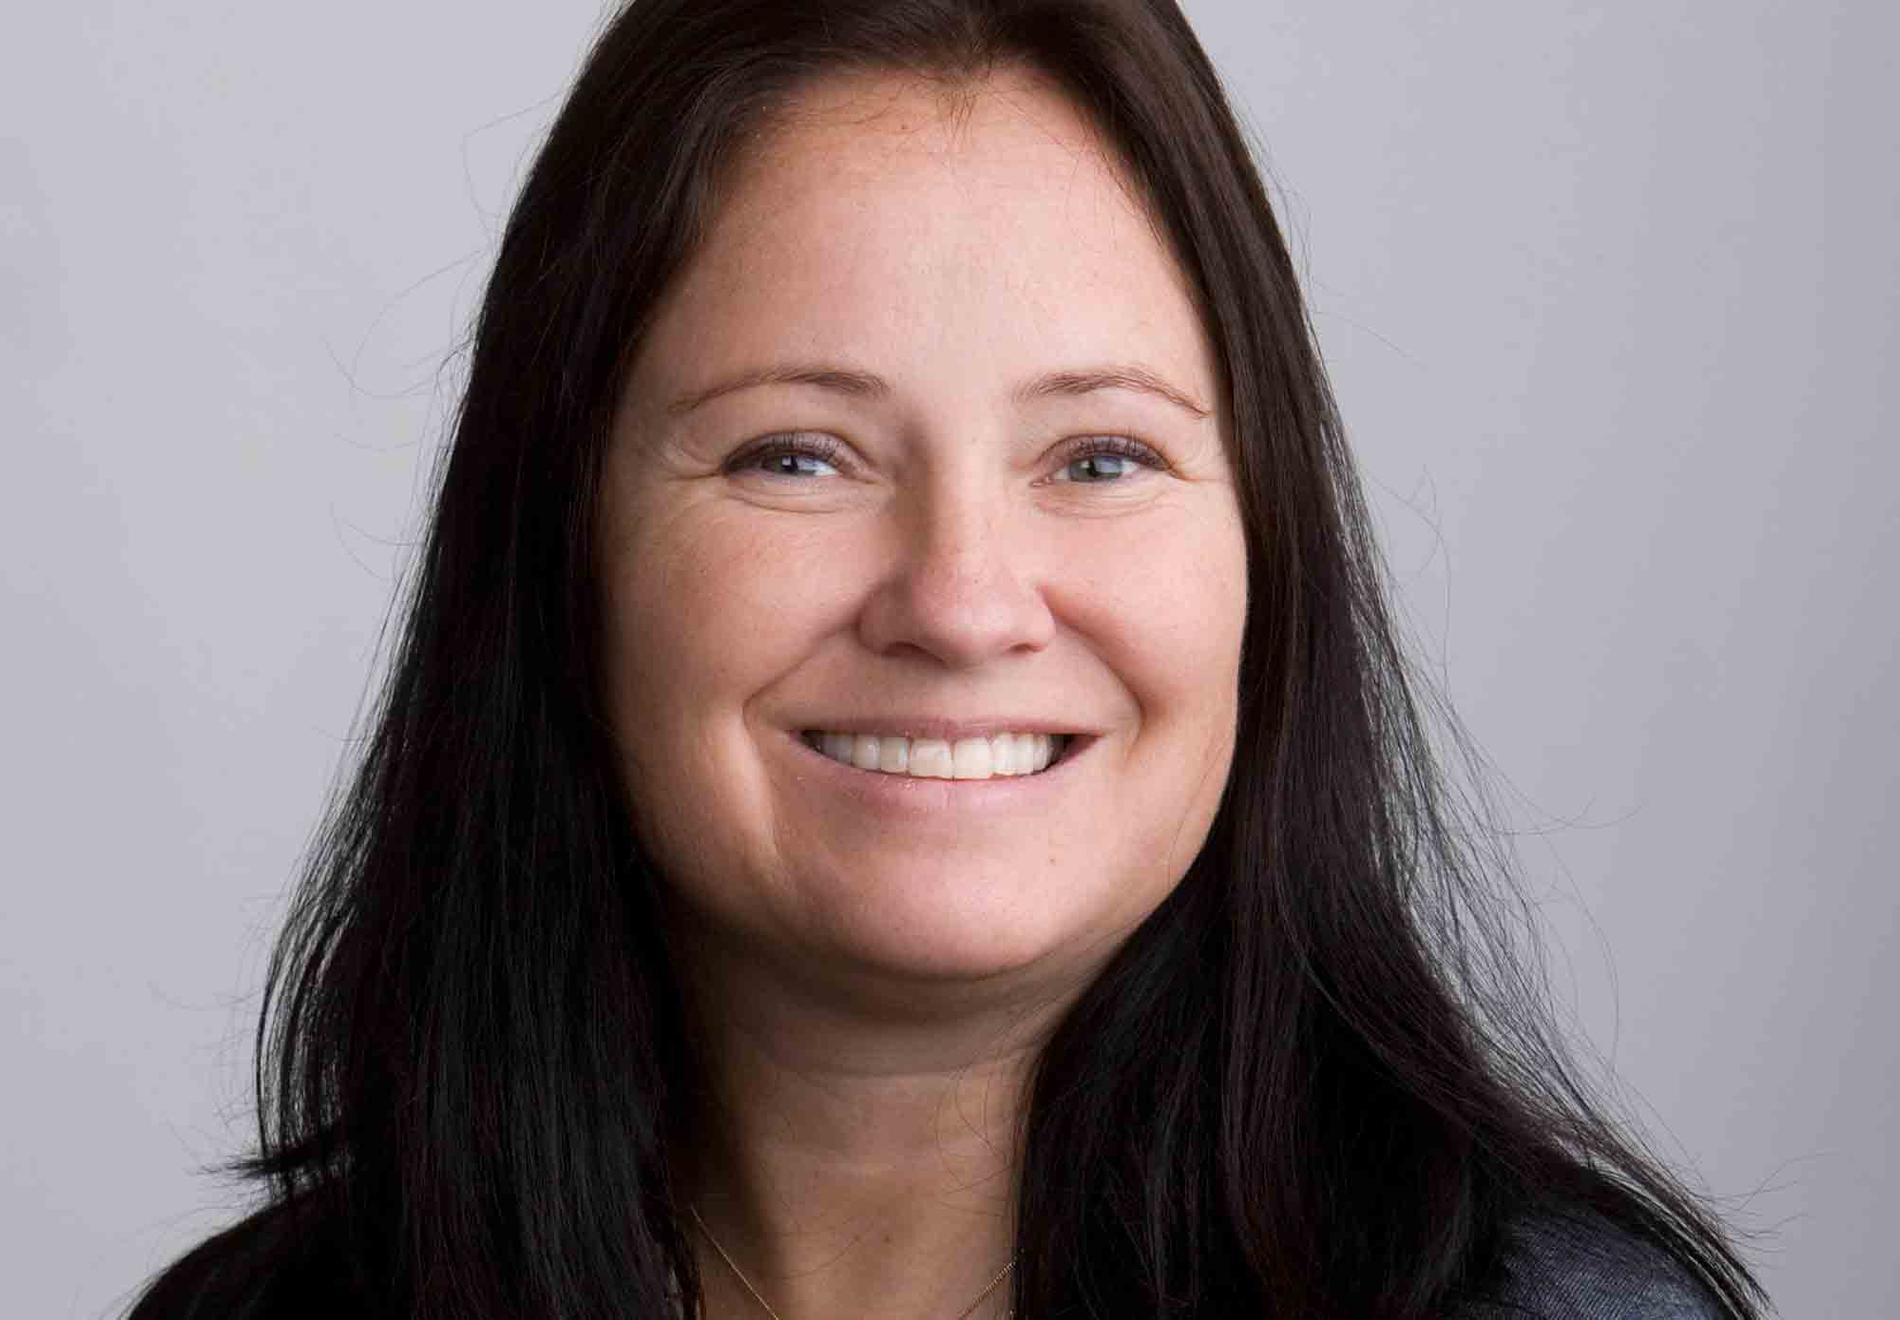 Cecilia Blom Hesselgren, Kommunikationschef på Bilprovningen.